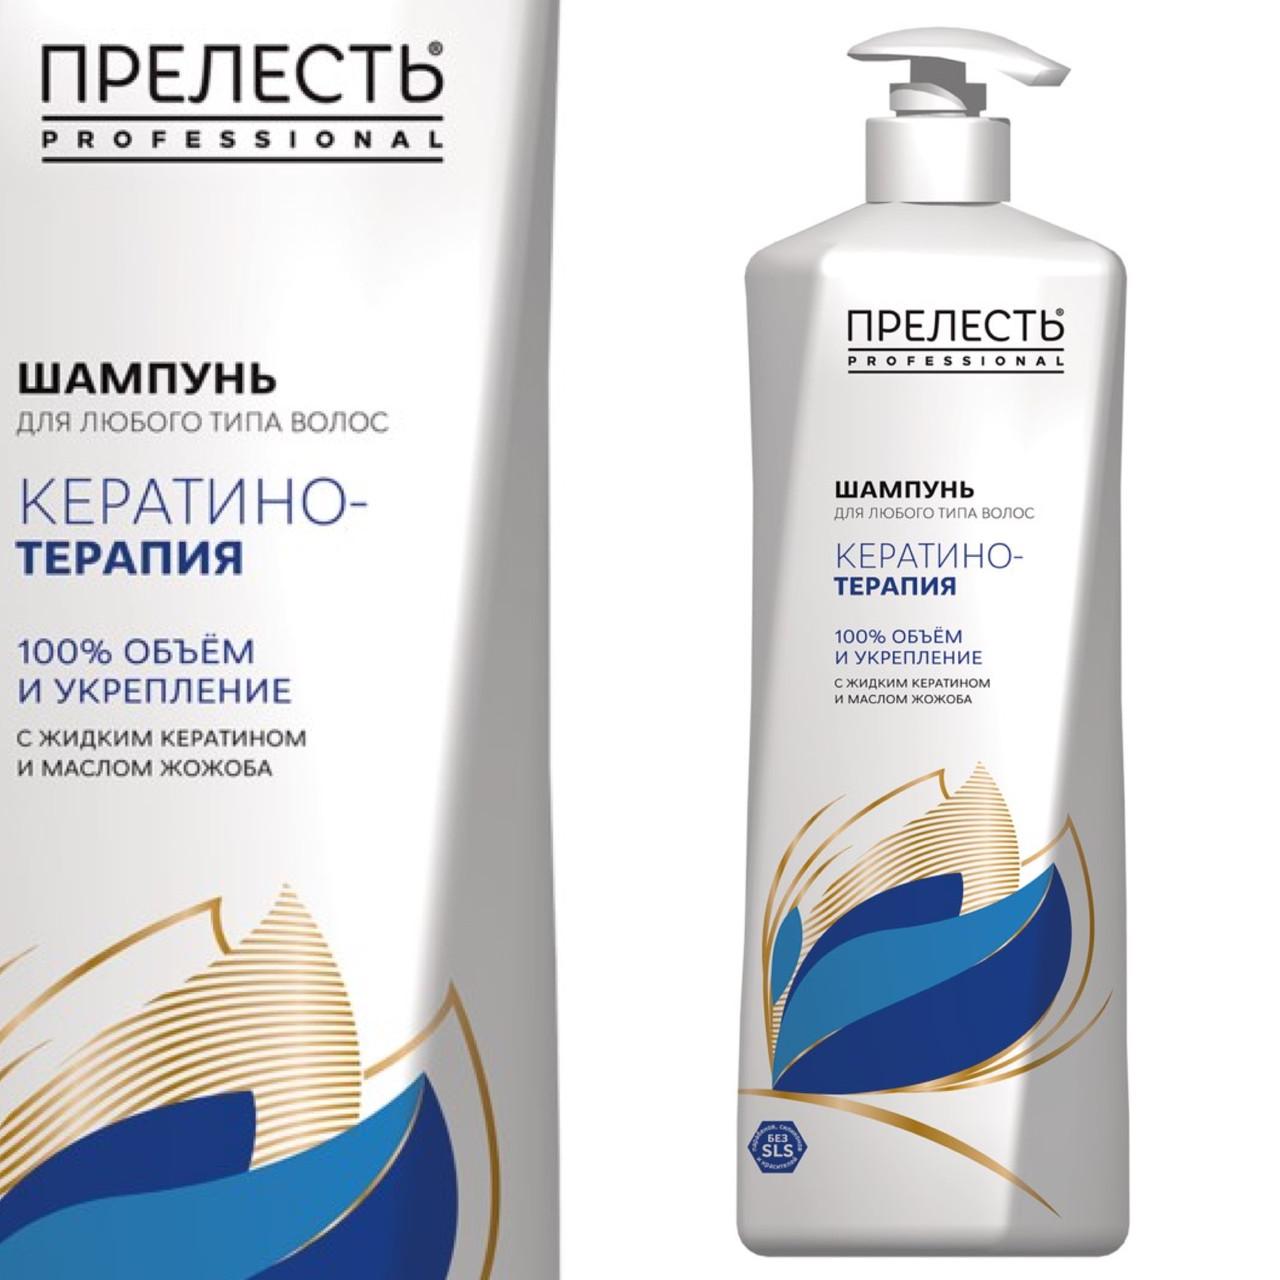 Шампунь для волос ПРЕЛЕСТЬ Professional 600ml КЕРАТИНОТЕРАПИЯ Expert Collection